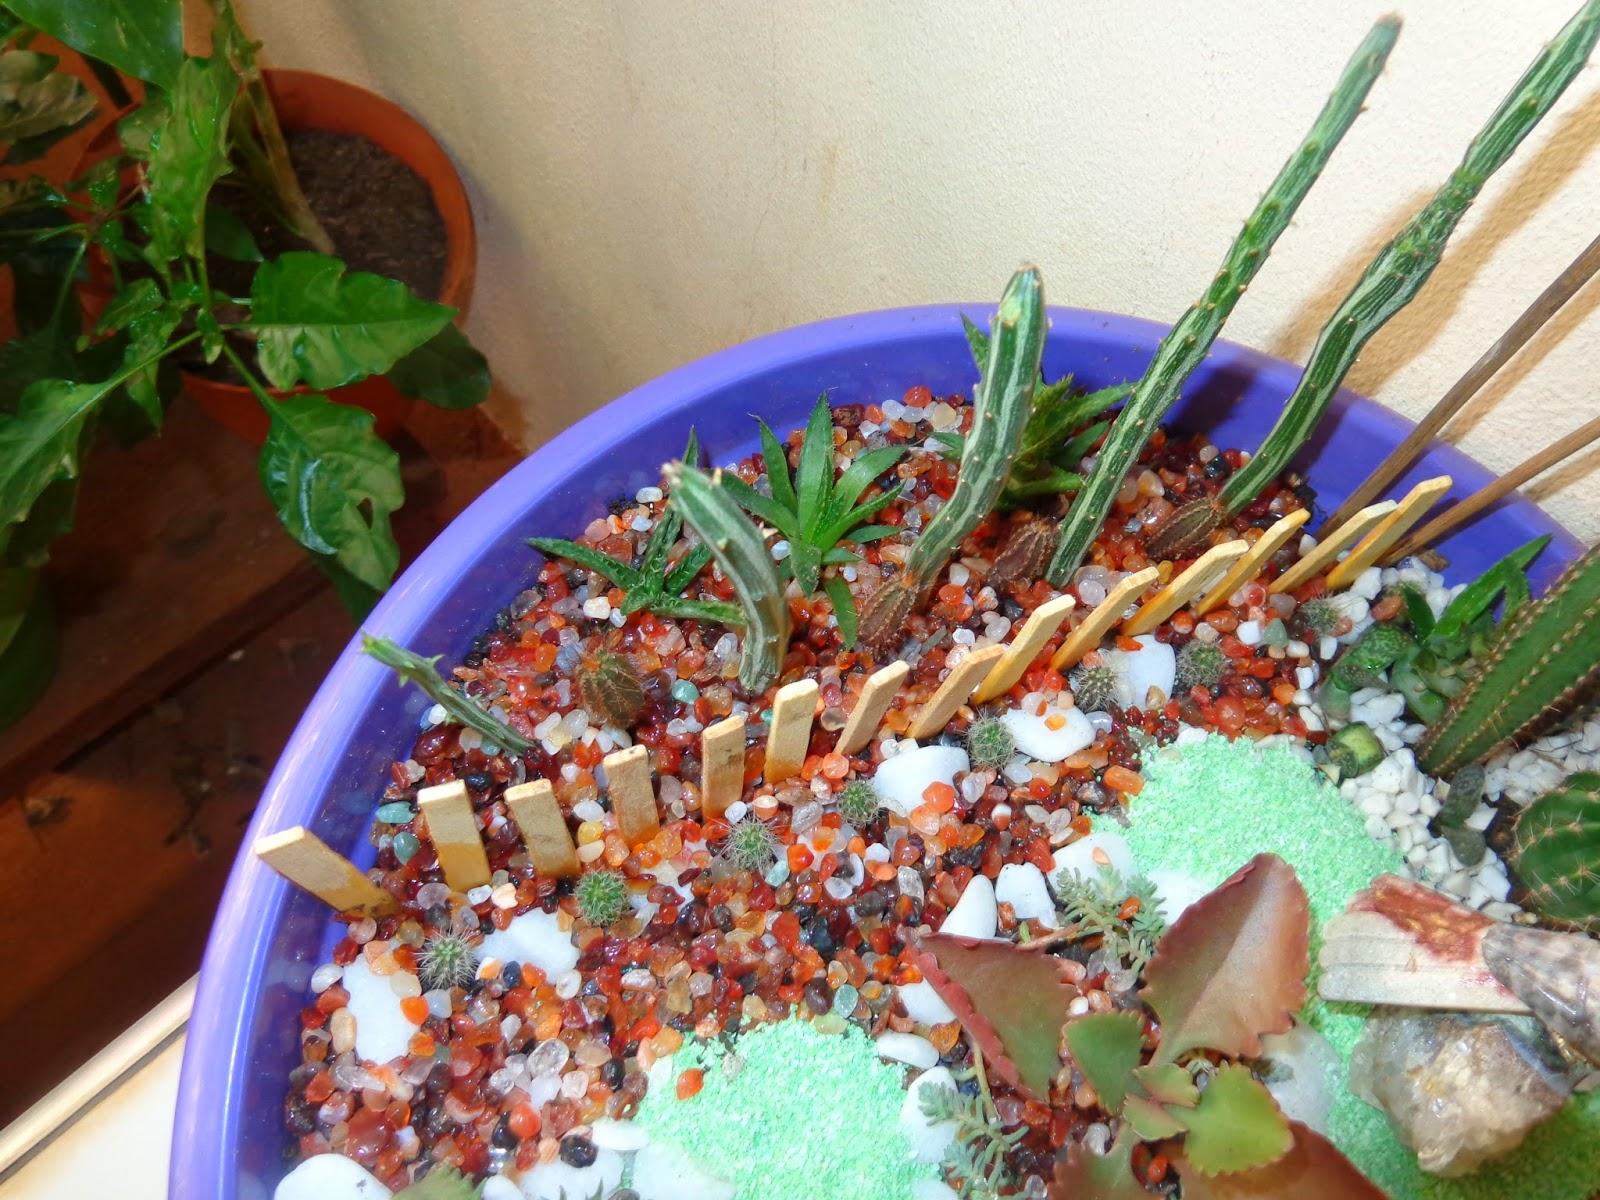 artesanato mini jardim : artesanato mini jardim:Esses cactozinhos são bebês que plantei de semente. Quando crescerem